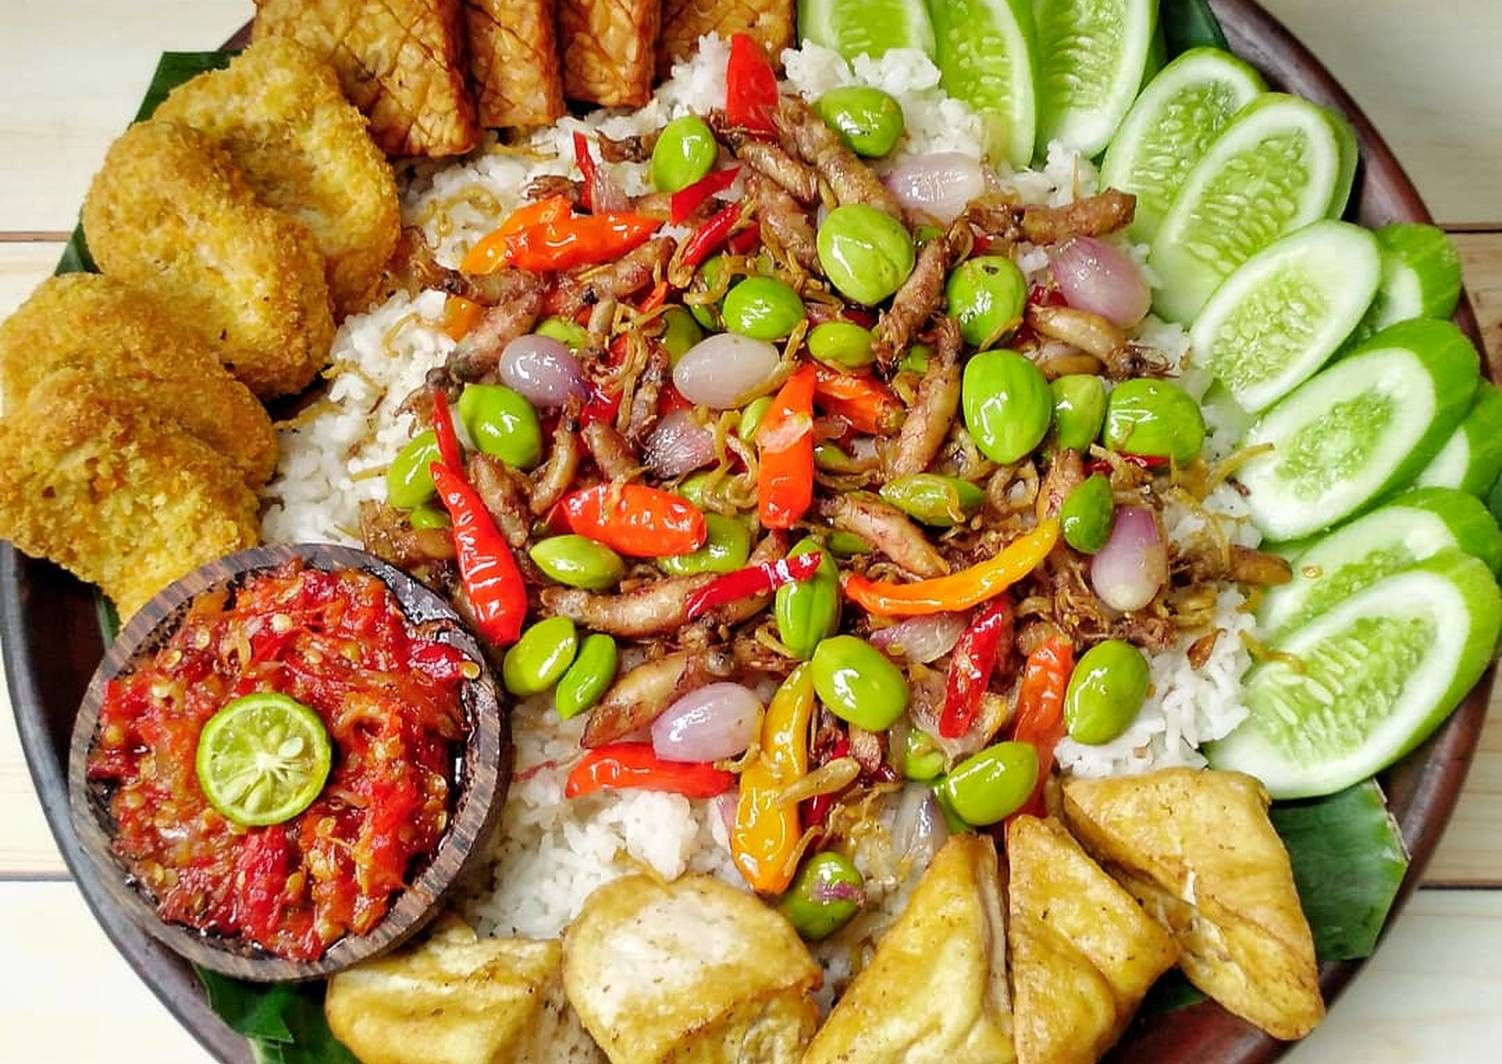 Resep Nasi Liwet Oleh Susan Mellyani Resep Resep Masakan Masakan Masakan Indonesia